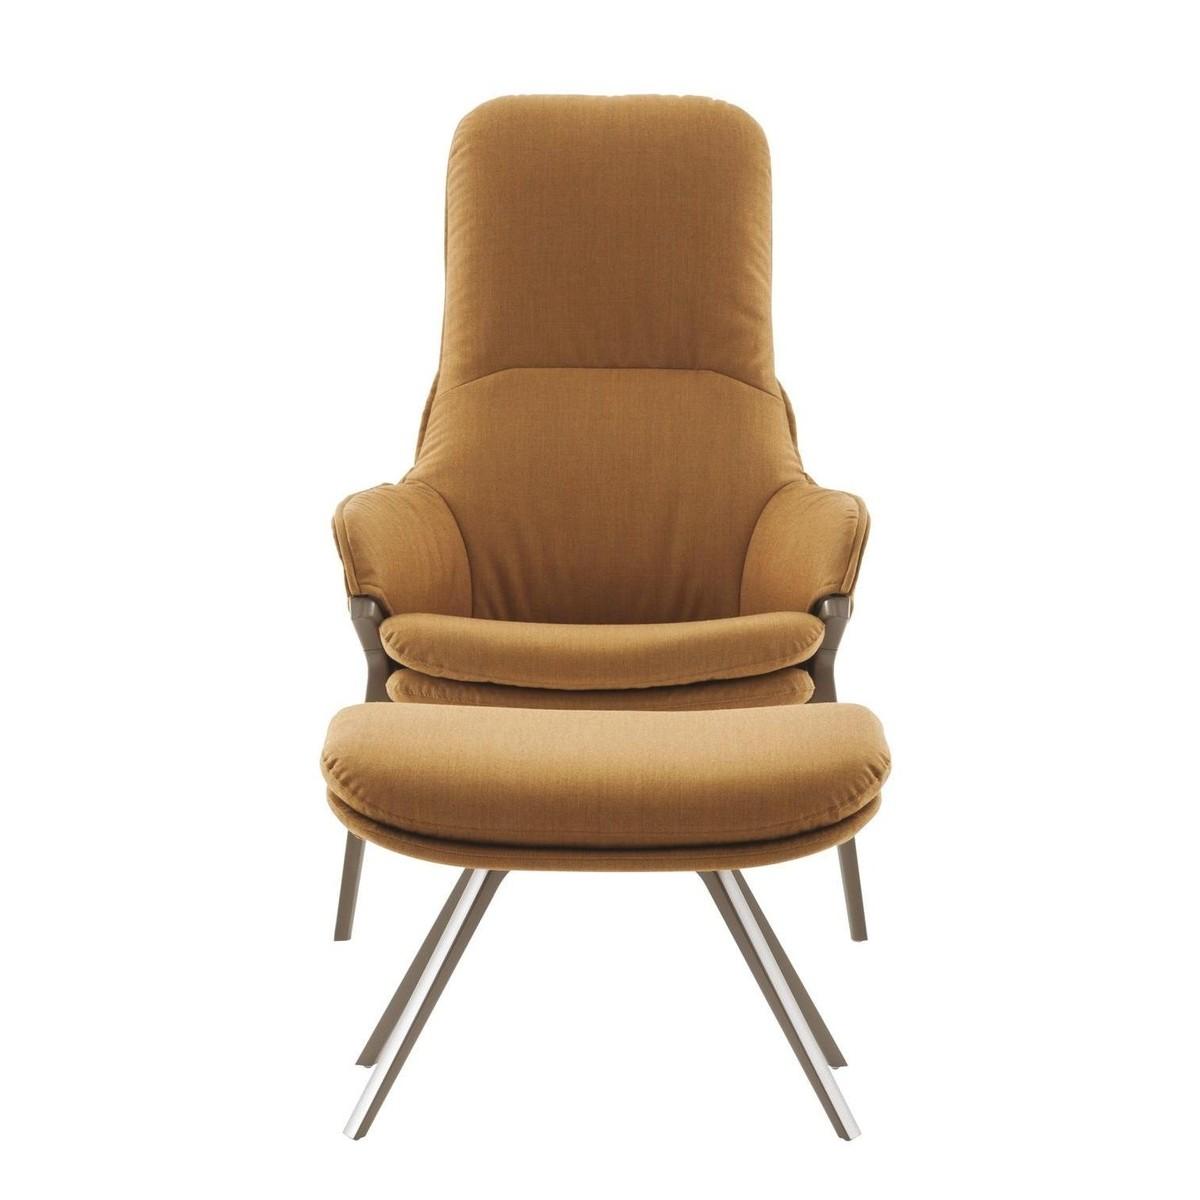 p22 patrick norguet sessel cassina. Black Bedroom Furniture Sets. Home Design Ideas